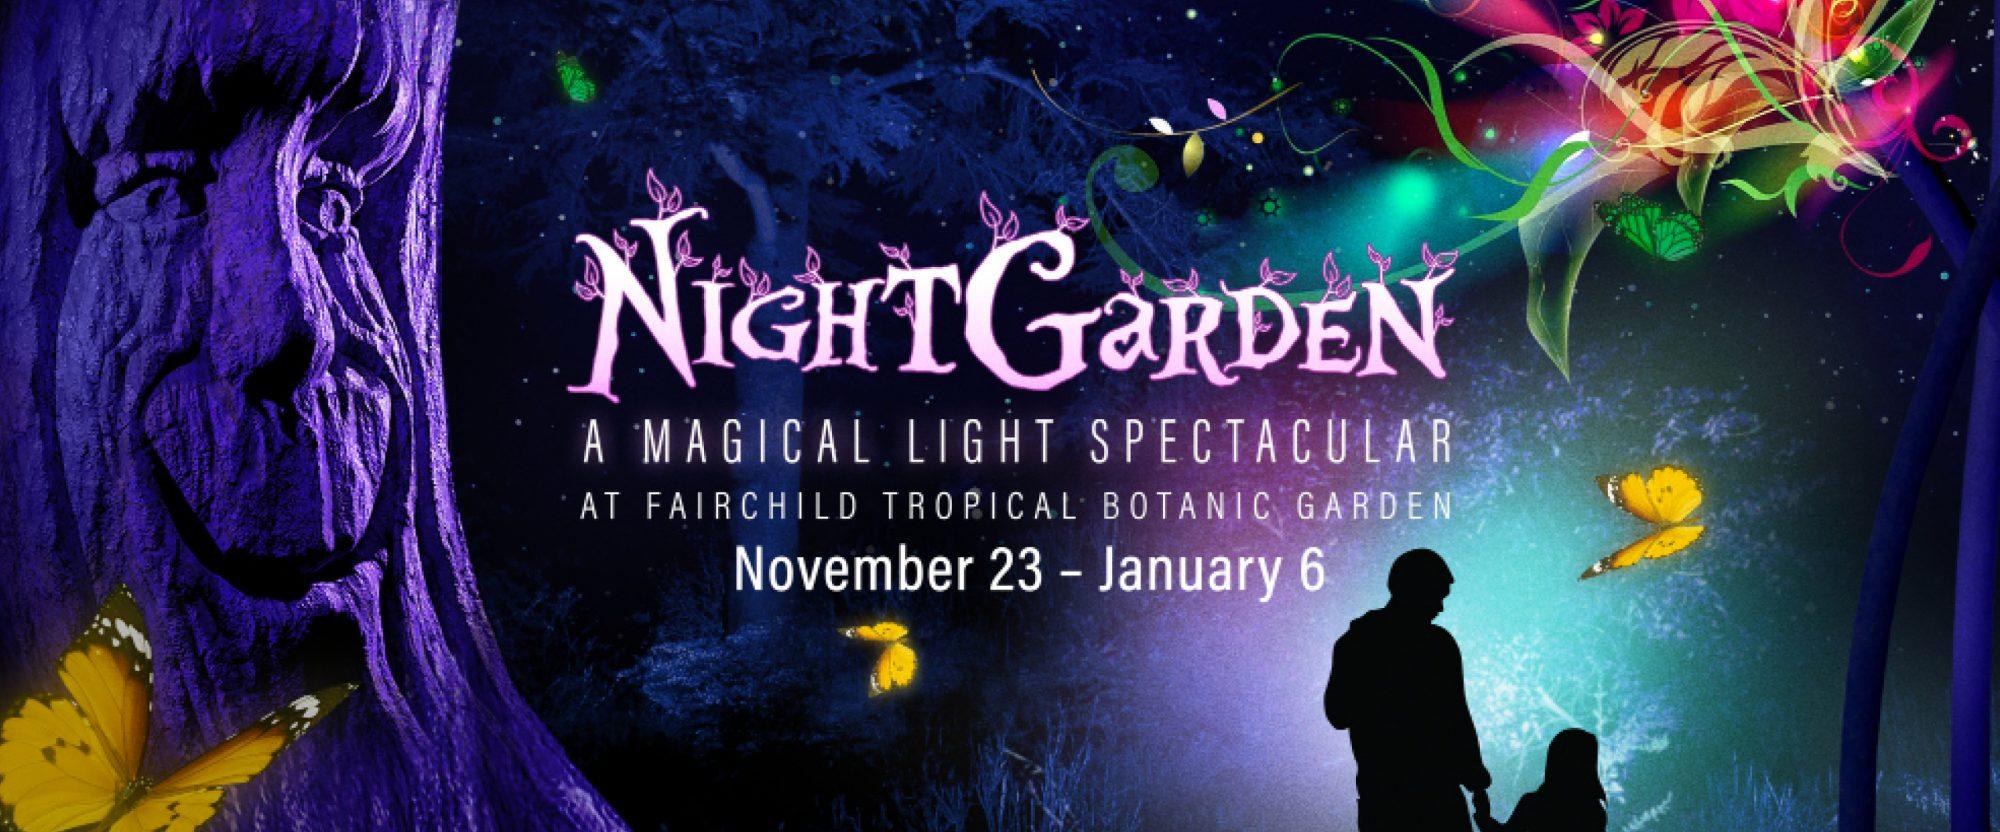 décembre nightgarden fairchild jardin botanique illuminations que faire a miami en décembre que faire a miami pour les fêtes de fin d'année agenda événements de décembre a miami blog miami off road